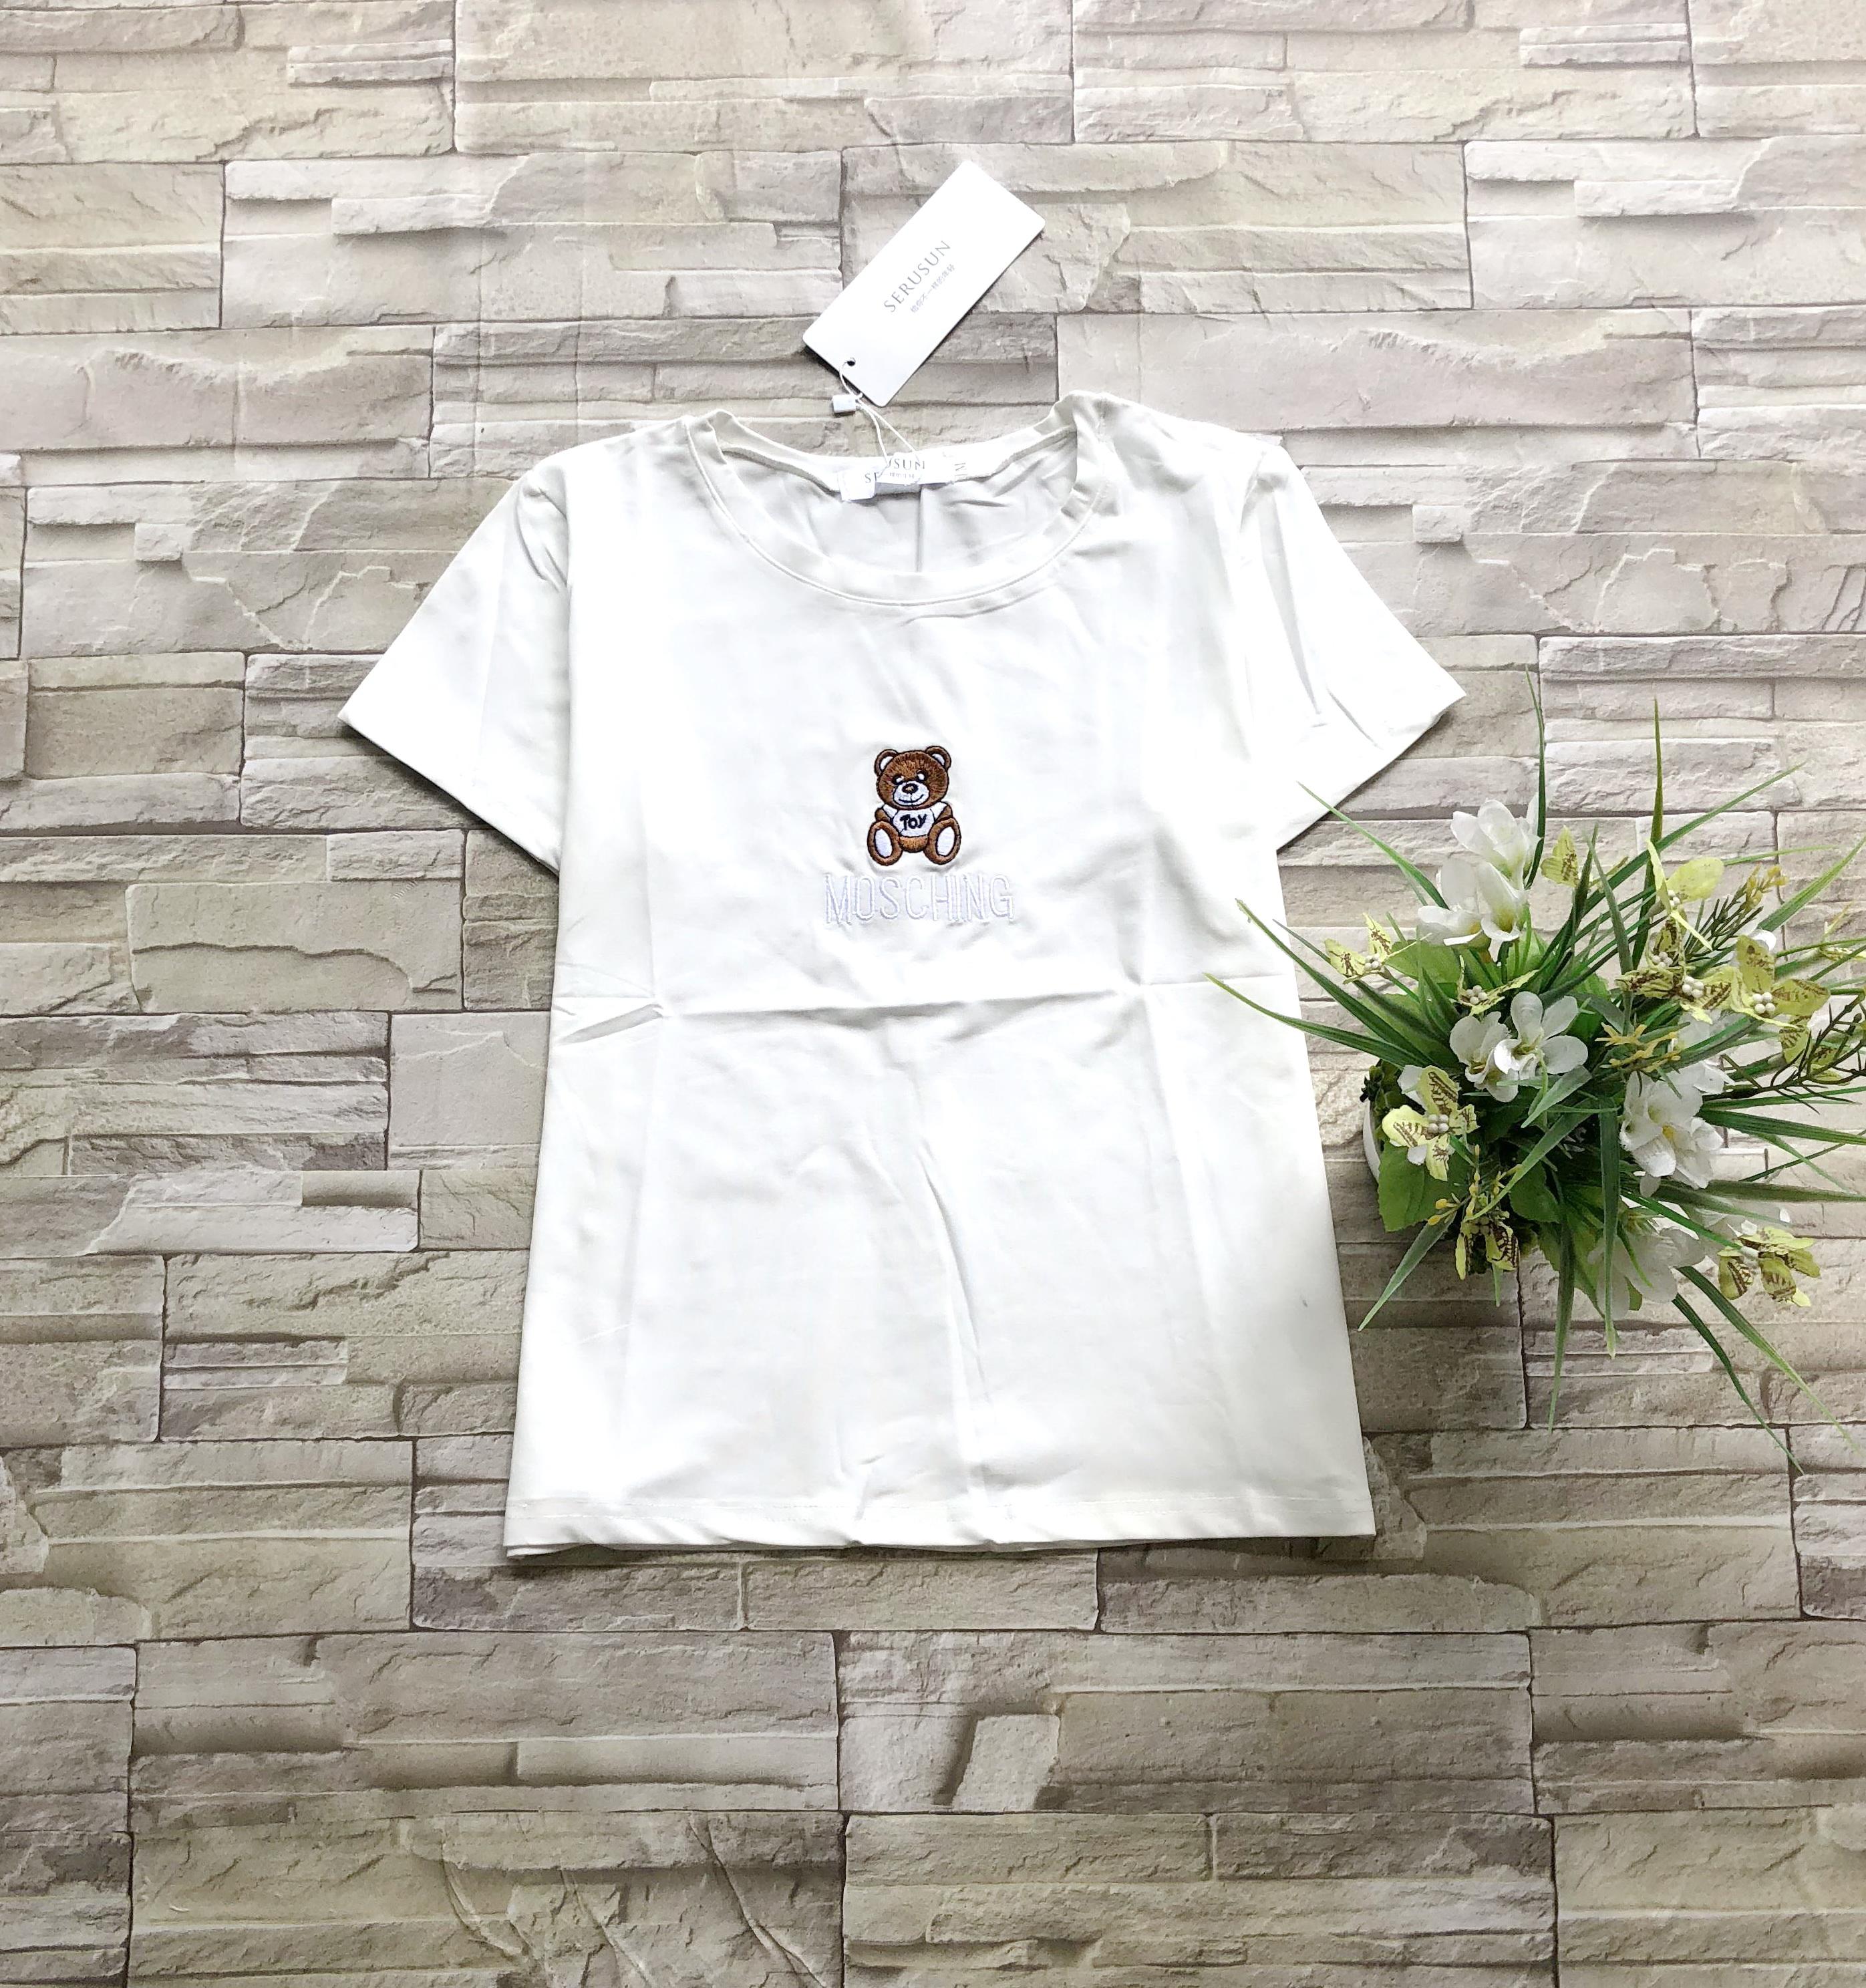 ส่ง:งานจีนเสื้อแต่งปักน้องหมีแบบน่ารักผ้านิ่มเนื้อดีไม่ยับ/อก36